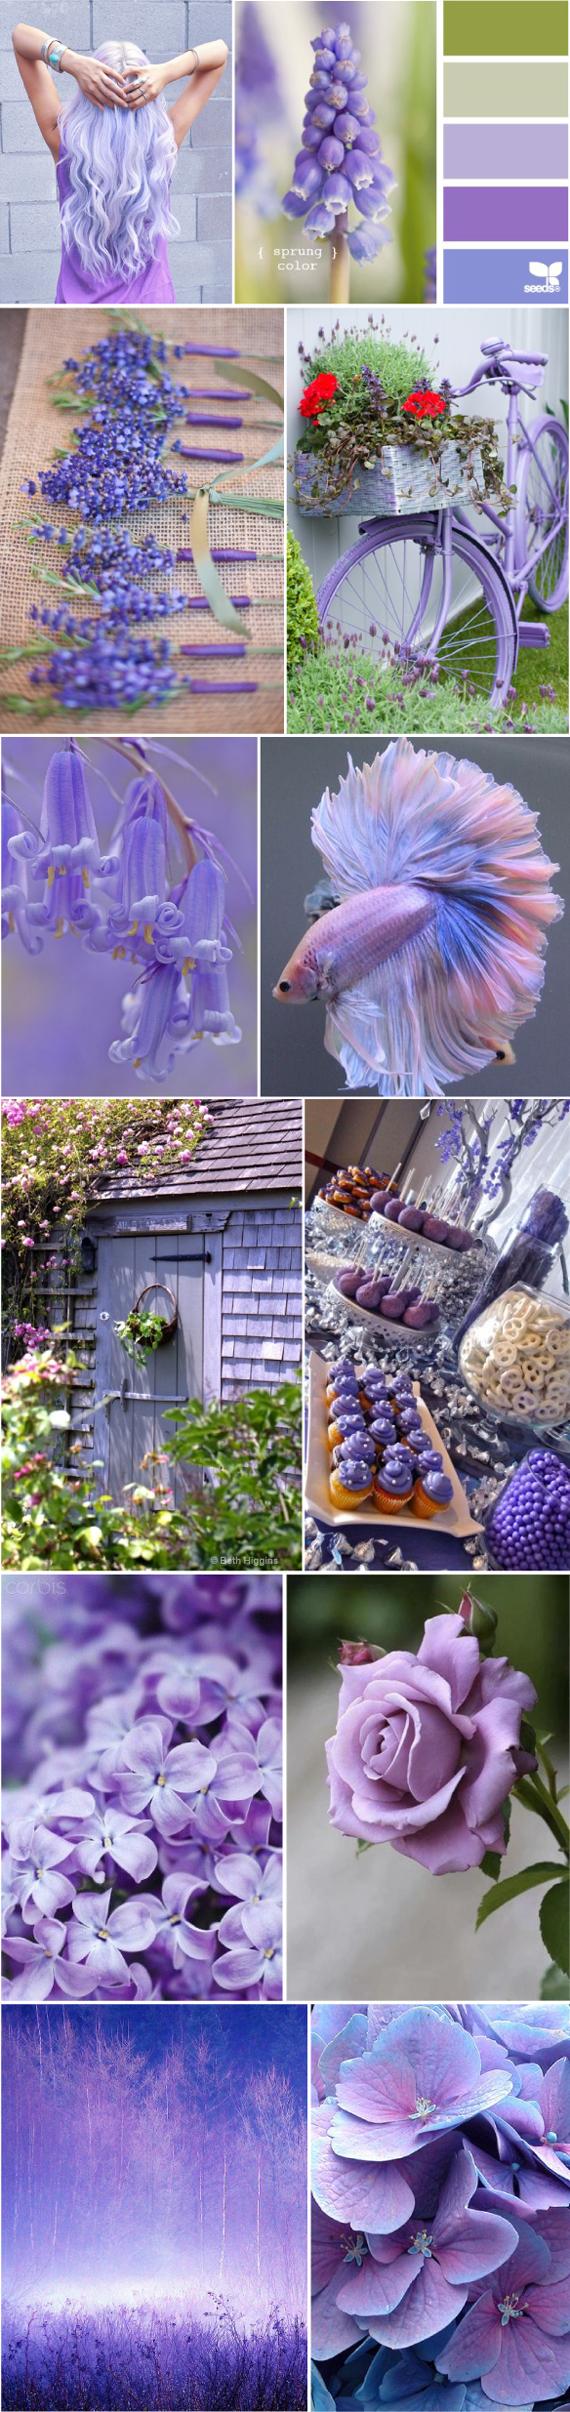 Пурпурный цвет и сочетание с ним LOOKCOLOR